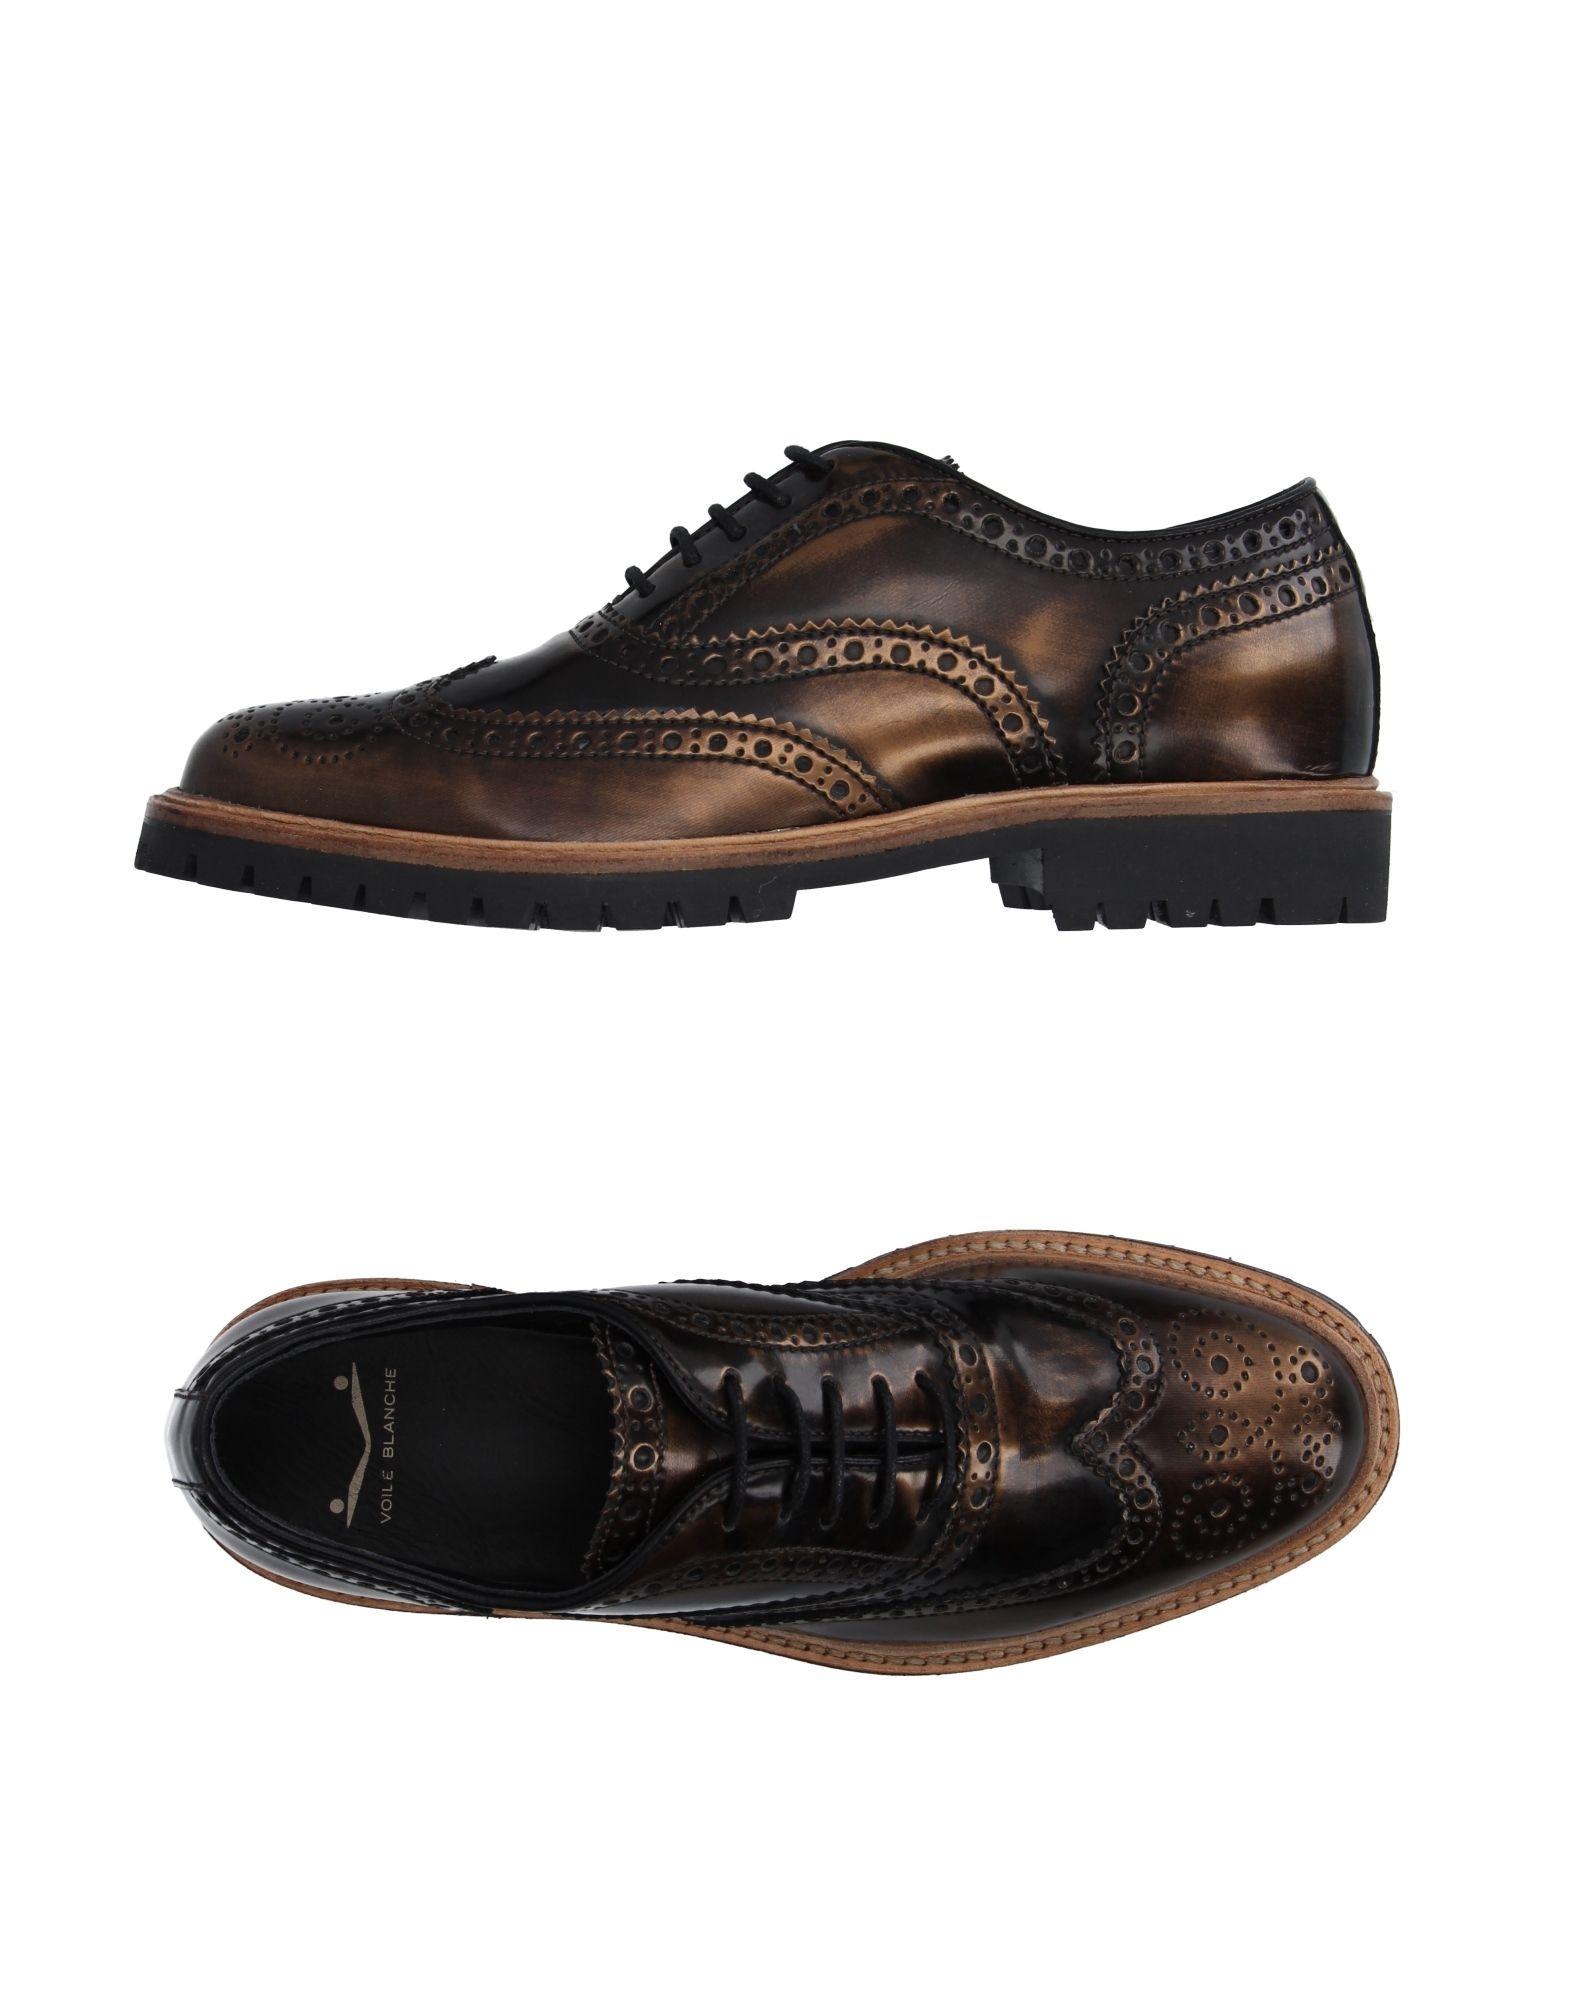 voile blanche mélangé chaussures mélangé - femmes voile blanche mélangé chaussures de chaussures en ligne au royaume - uni - 11117127va 3c531f